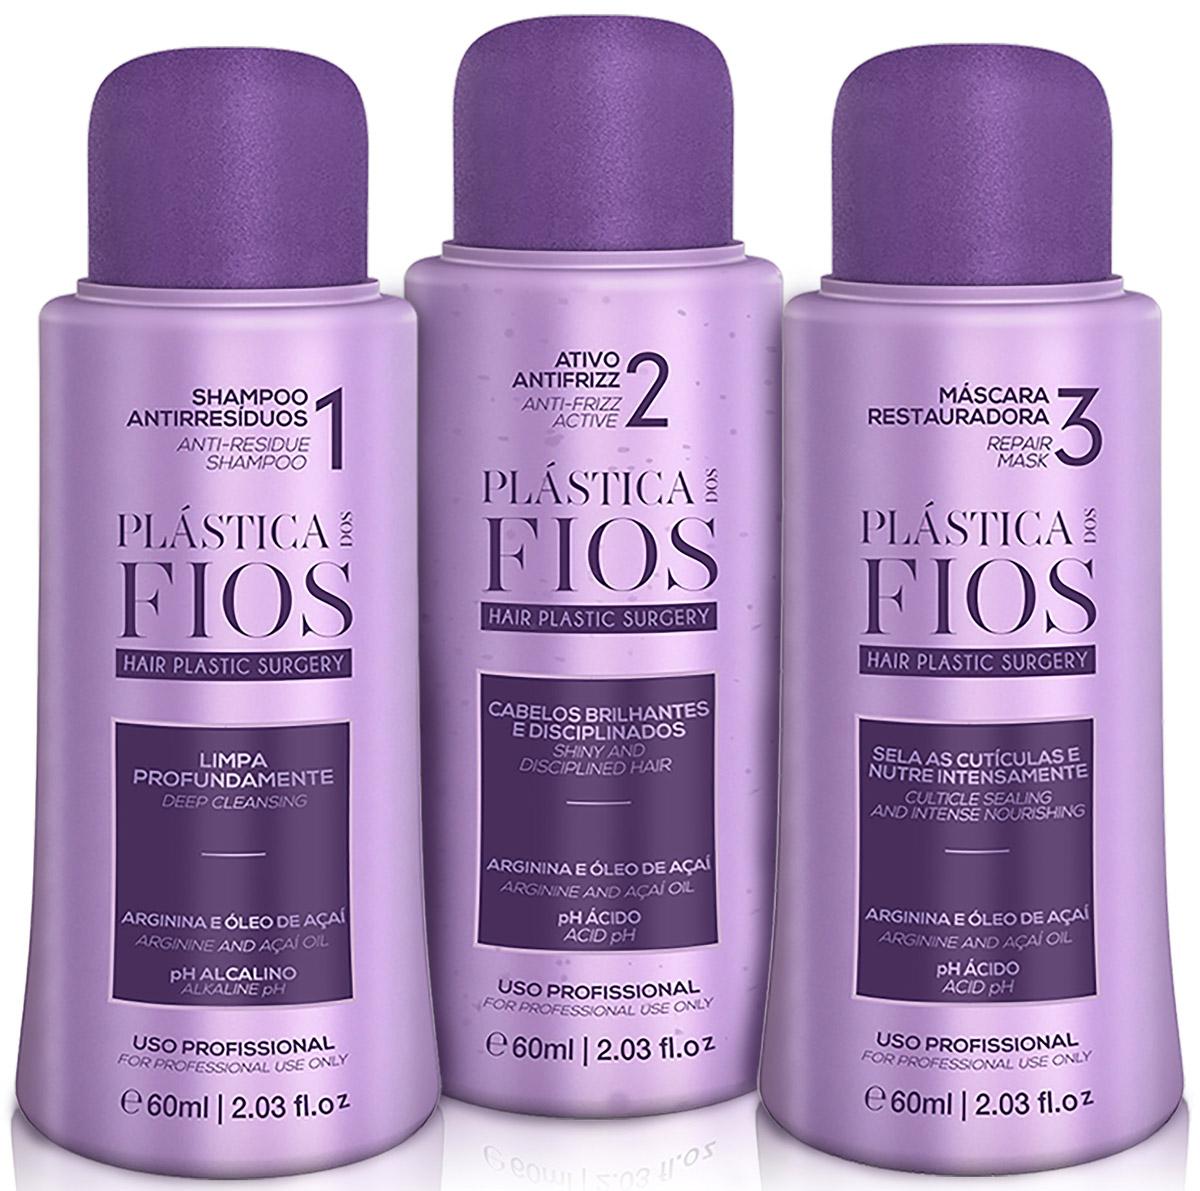 Plastica dos Fios Набор средств для кератинового выпрямления волос Kit ProfessionalKP0010Идеальный состав для тонких и поврежденных волос европейского типа. Восстанавливает структуру волос, восполняет кутикульный слой с помощью активных ингредиентов, делает волосы идеально прямыми, гладкими, блестящими и плотными на срок до 6 месяцев! В основе состава - уникальная ягода асаи, которая является сильнейшим антиоксидантом, а так же натуральные природные компоненты, способствующие максимальному восстановлению и реконструкции волос.